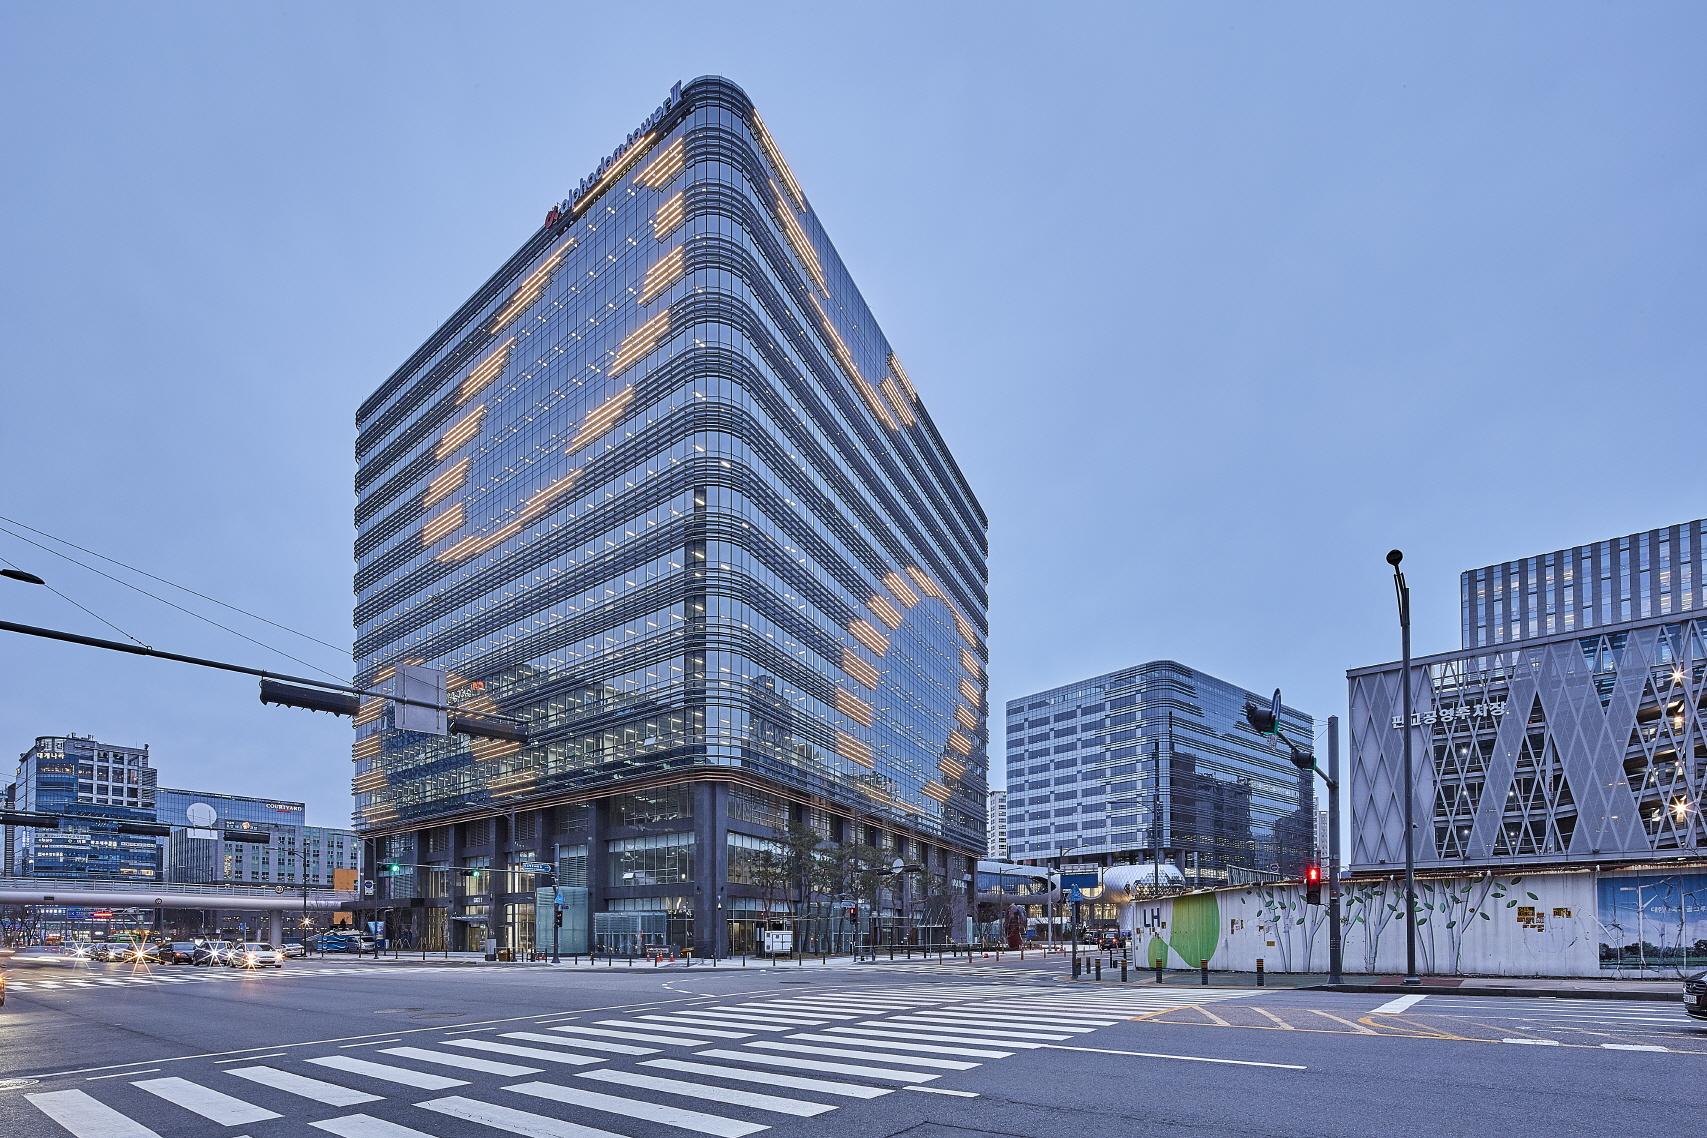 〔안정원의 건축 칼럼〕 판교 핵심지역으로 성장하는 대표적인 업무판매시설, 알파돔타워 3,4